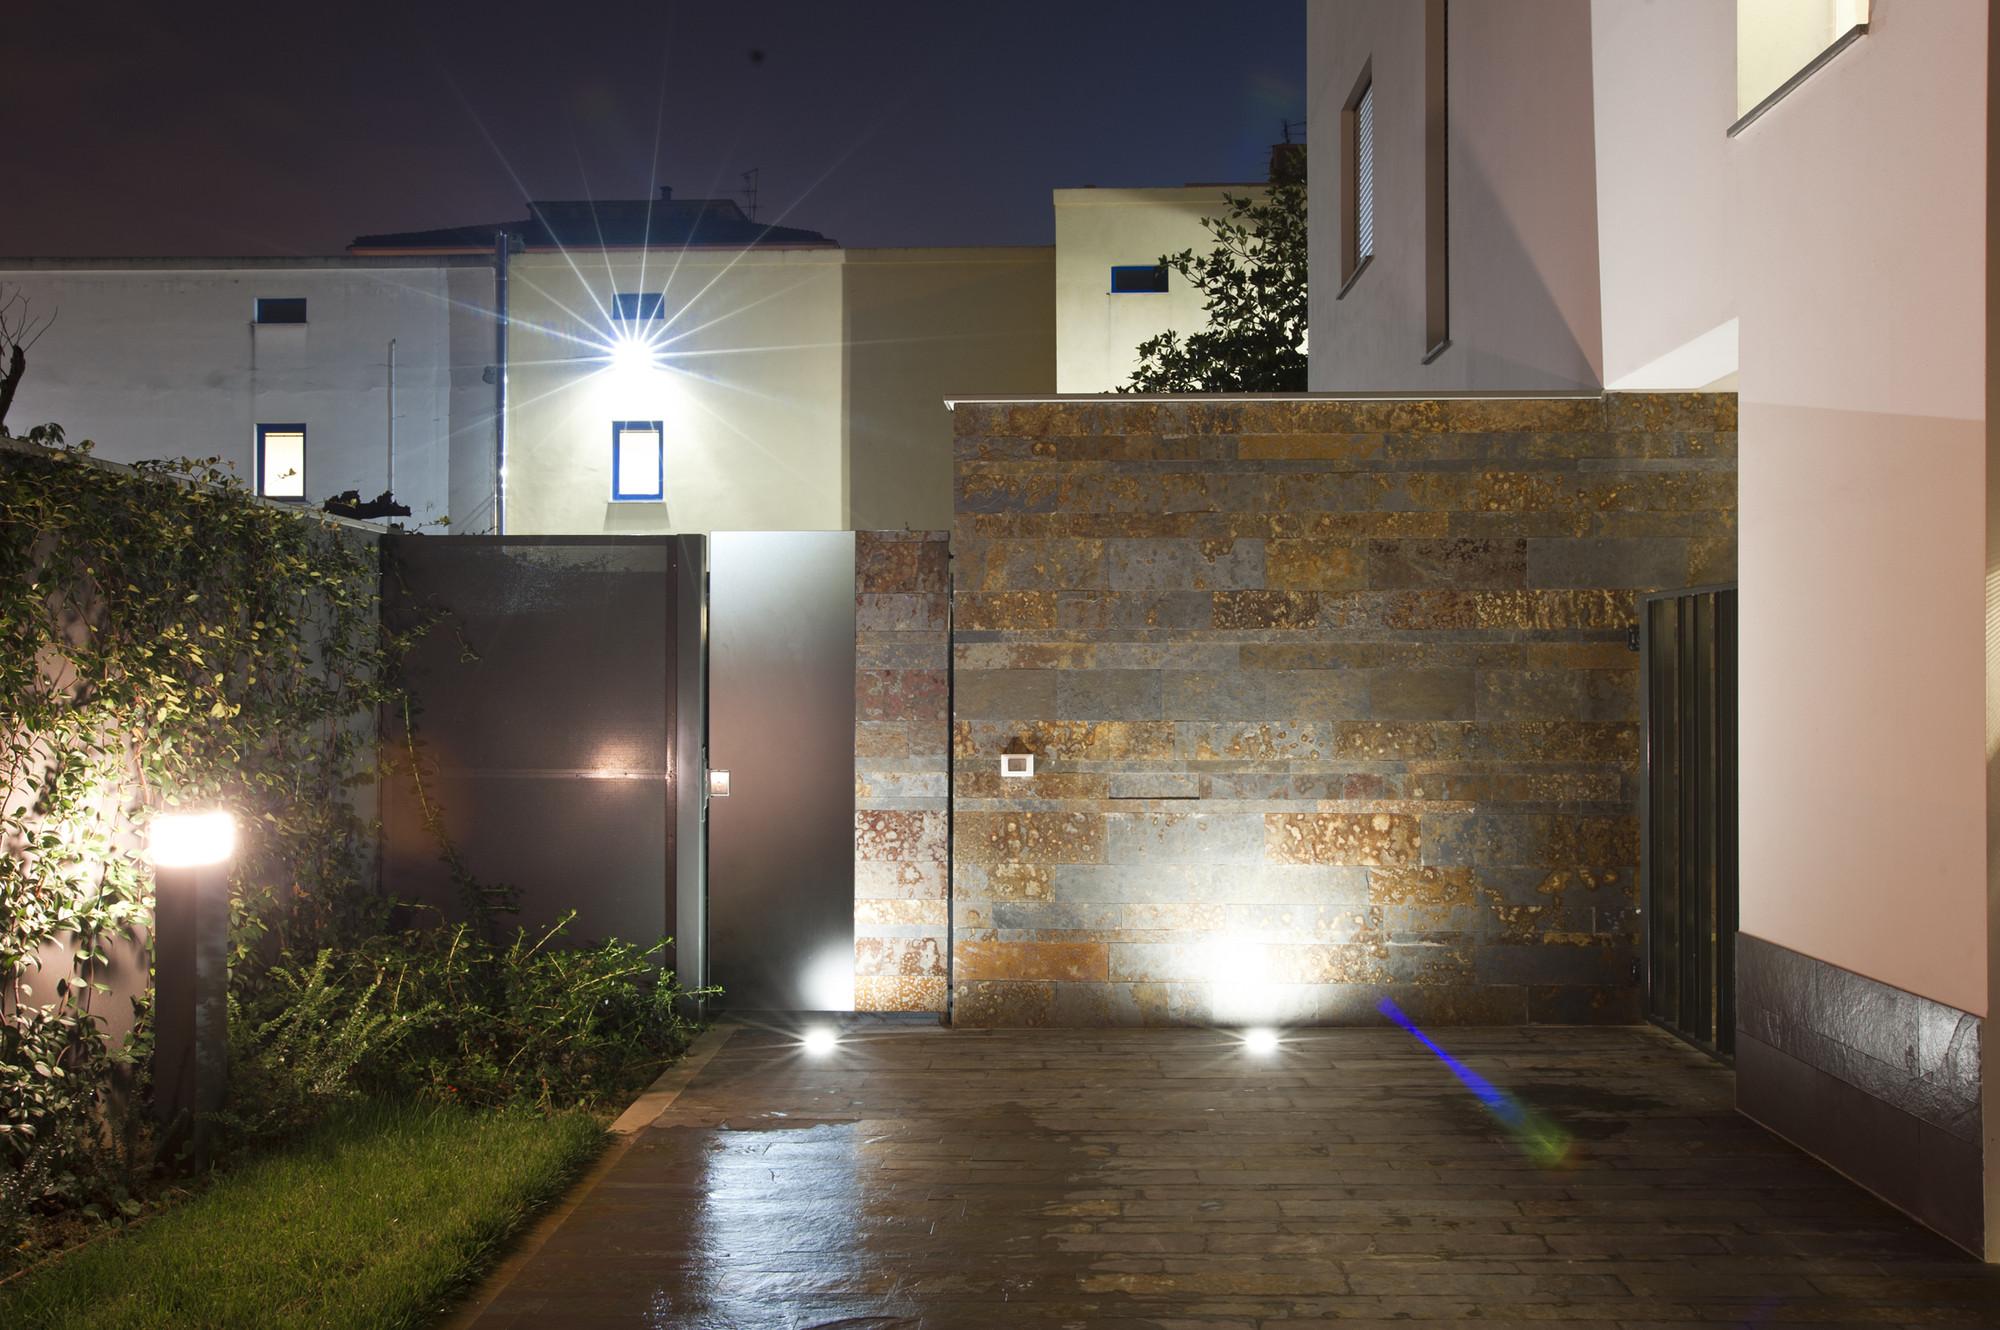 Illuminazione Ingresso Esterno : Le luci a led sono un must per l illuminazione da esterno di case